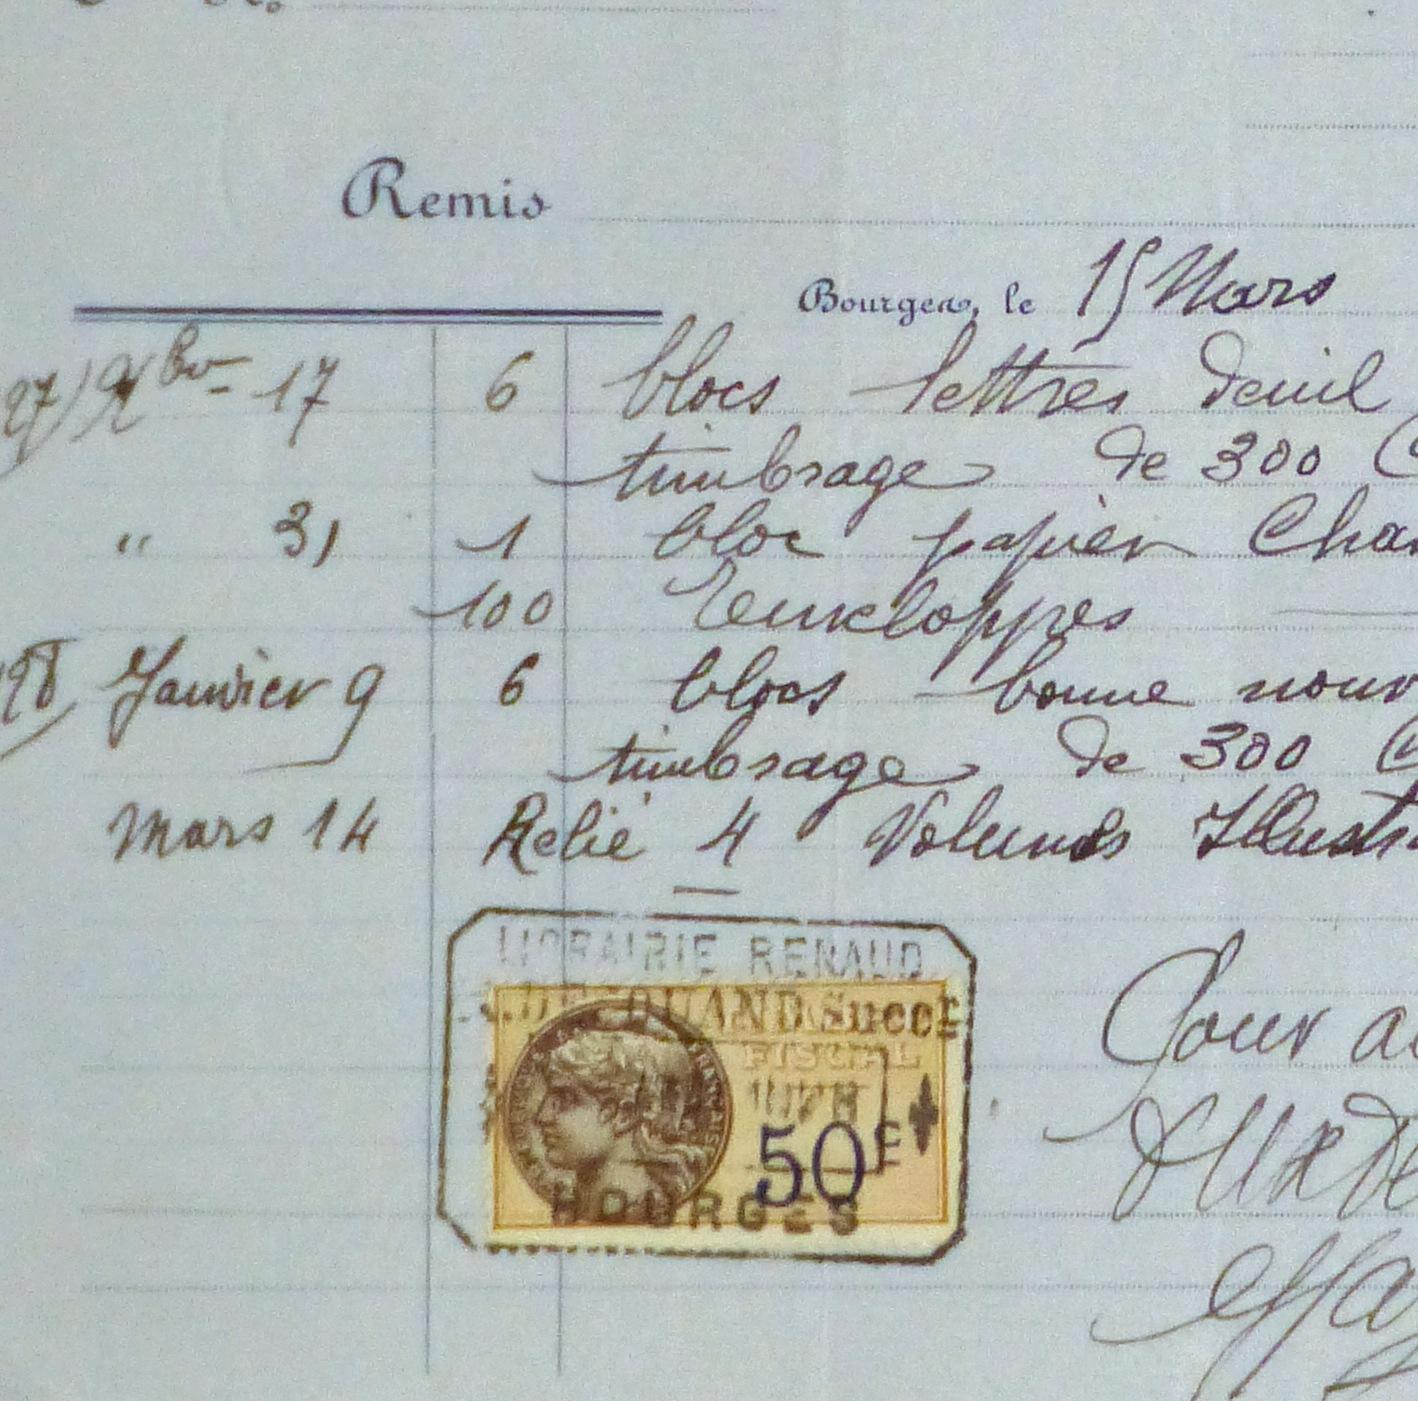 Duchess of Maillé Book Receipt, 1928-detail 2-10566M